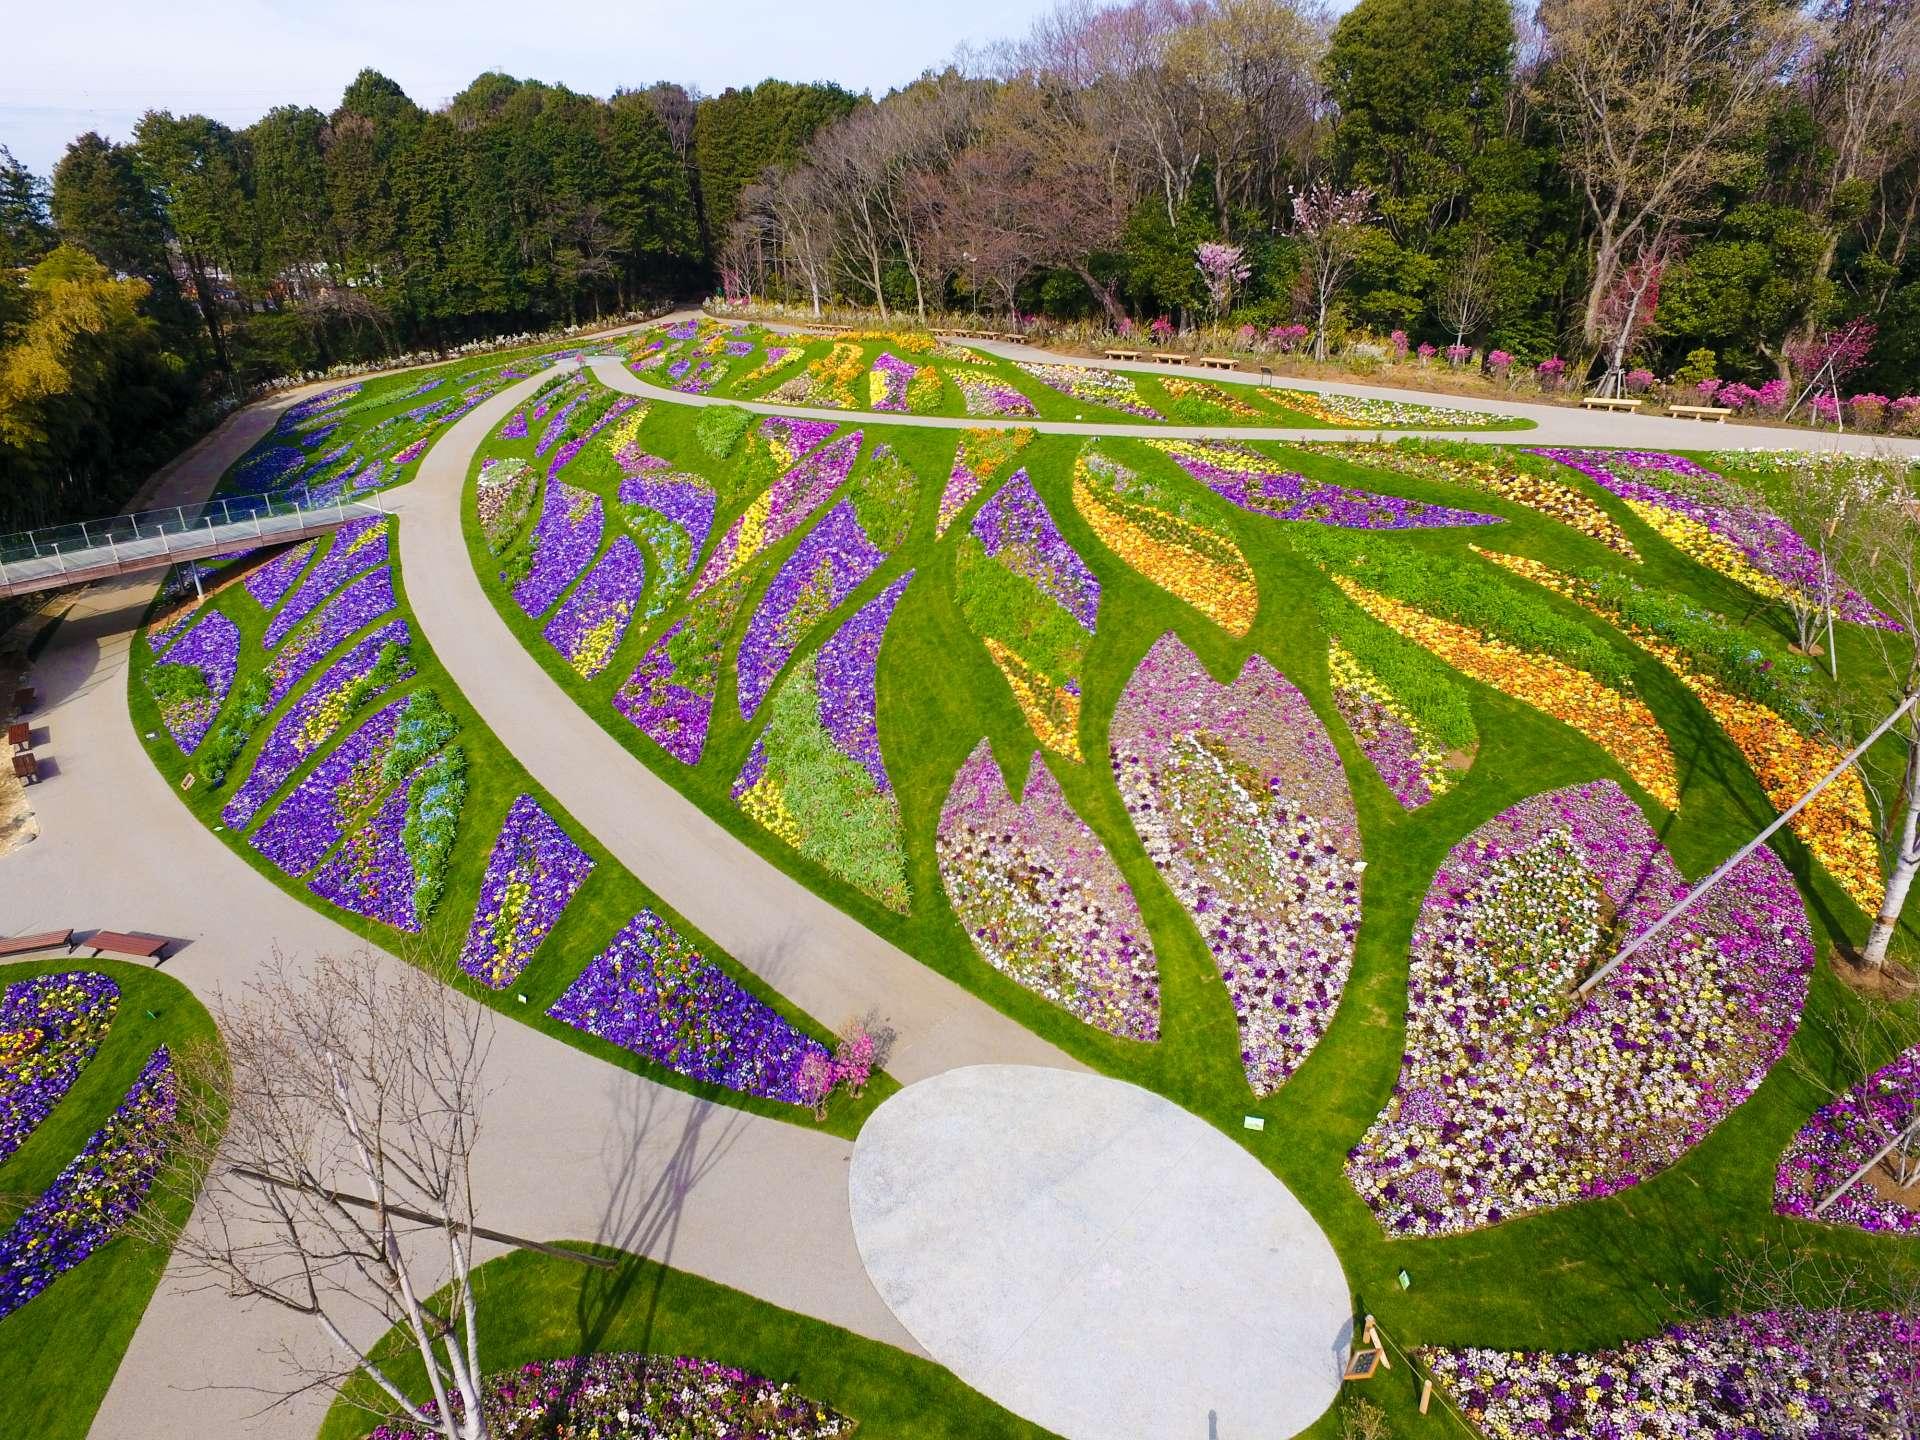 横滨市内最大级的大花坛,用地面积约10000平方米